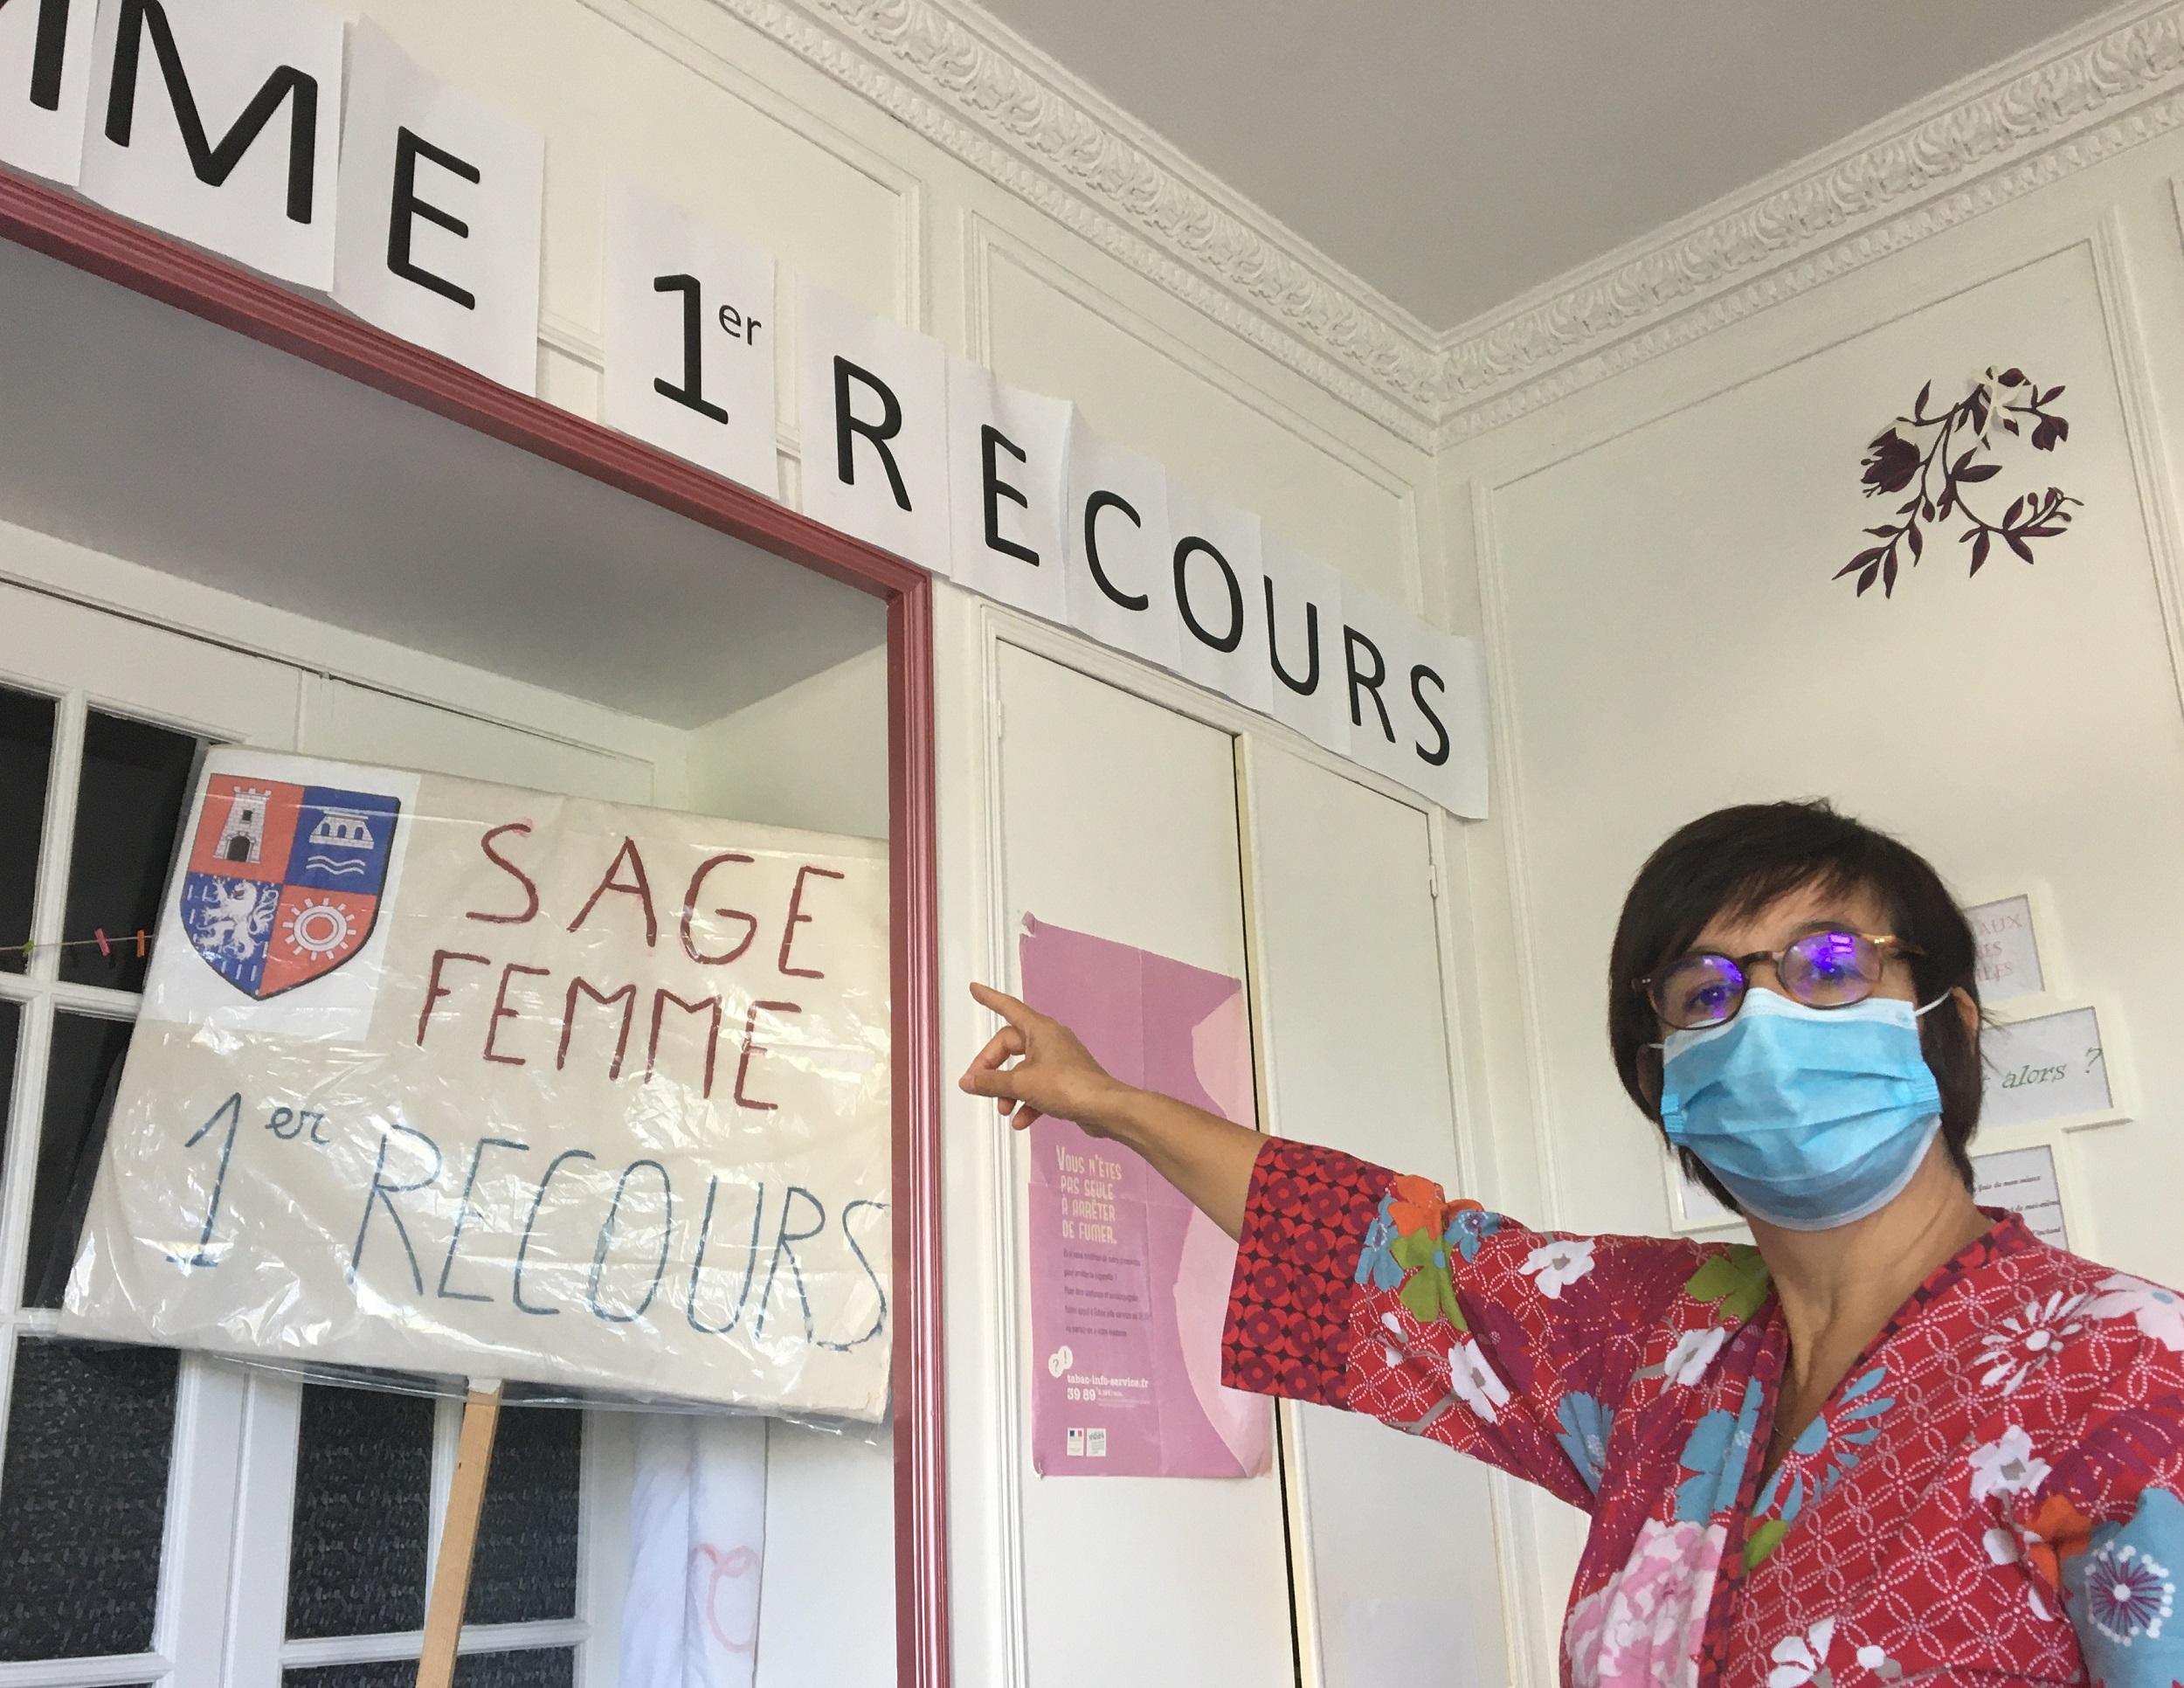 Sage_femmes Ségur santé